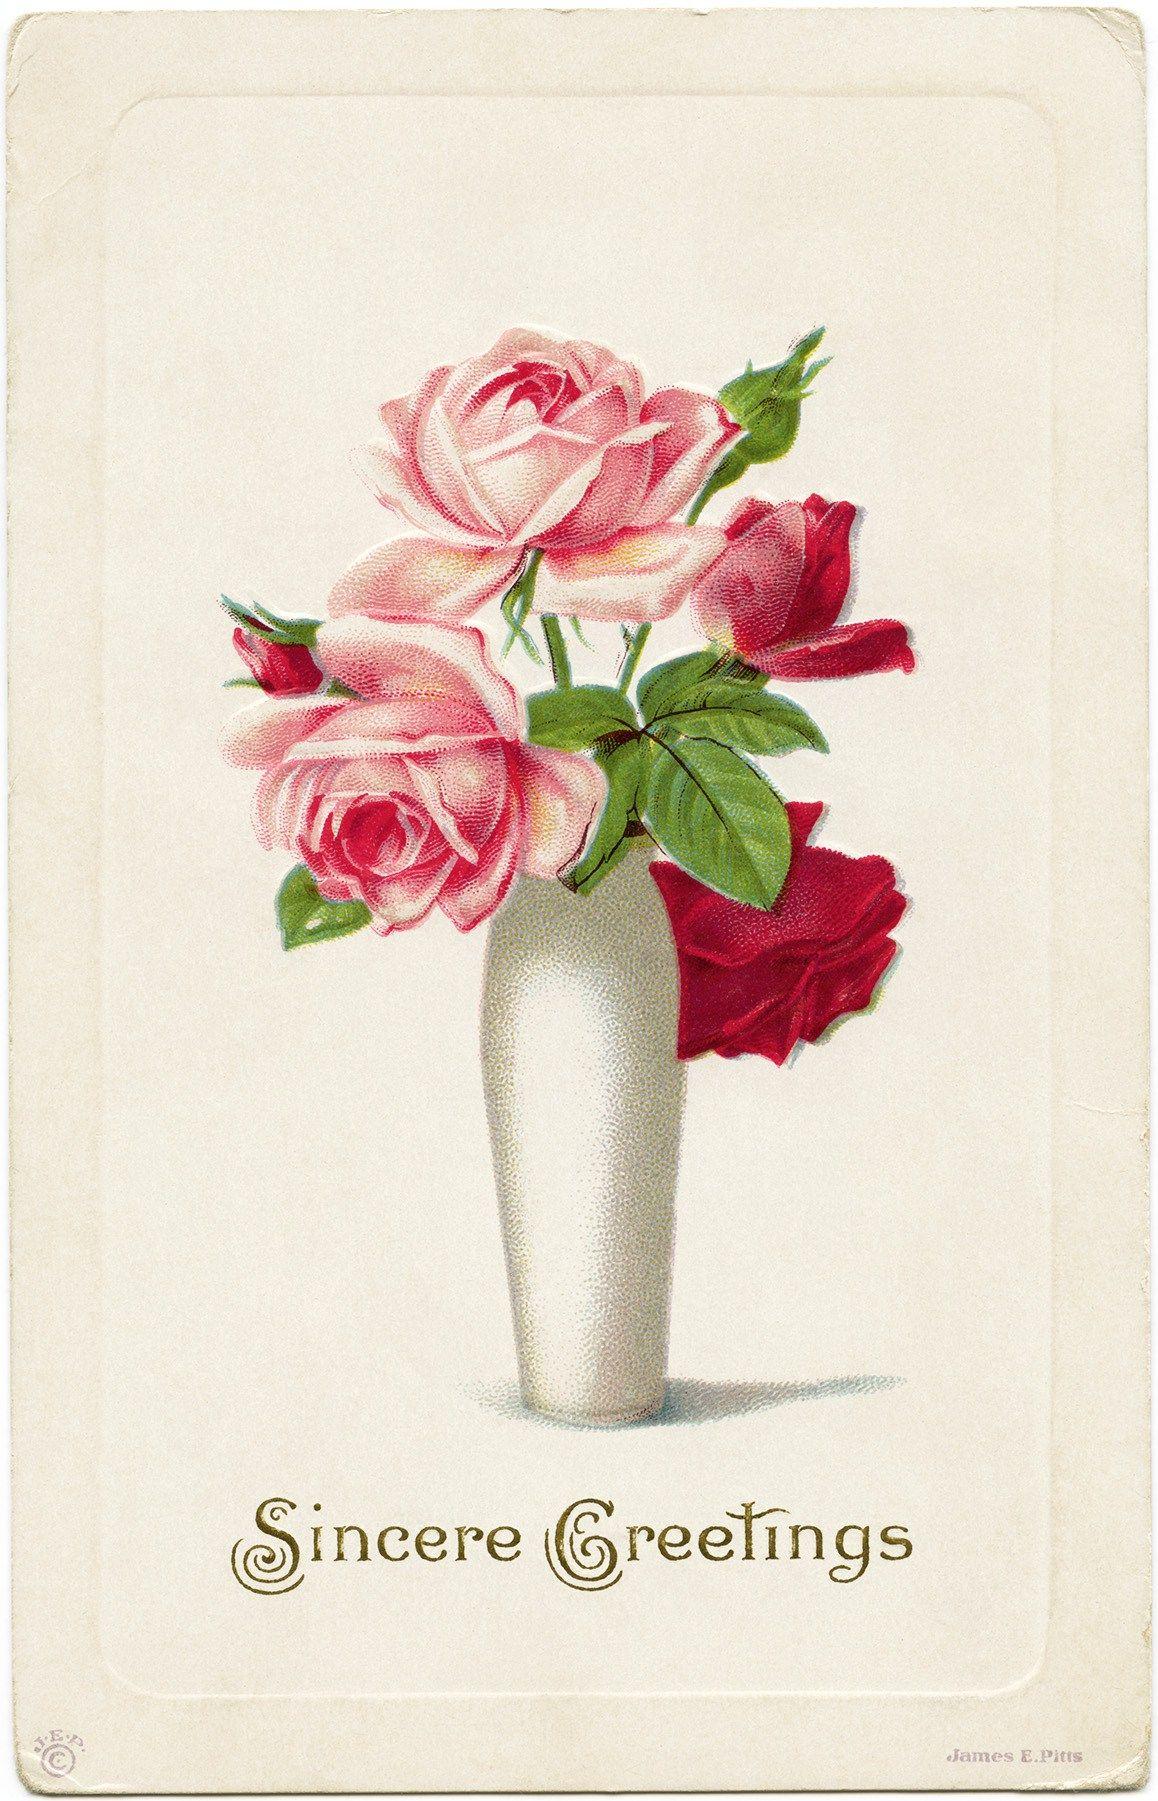 Vintage roses clipart roses in vase printable old postcard vintage roses clipart roses in vase printable old postcard flowers digital floral graphics reviewsmspy